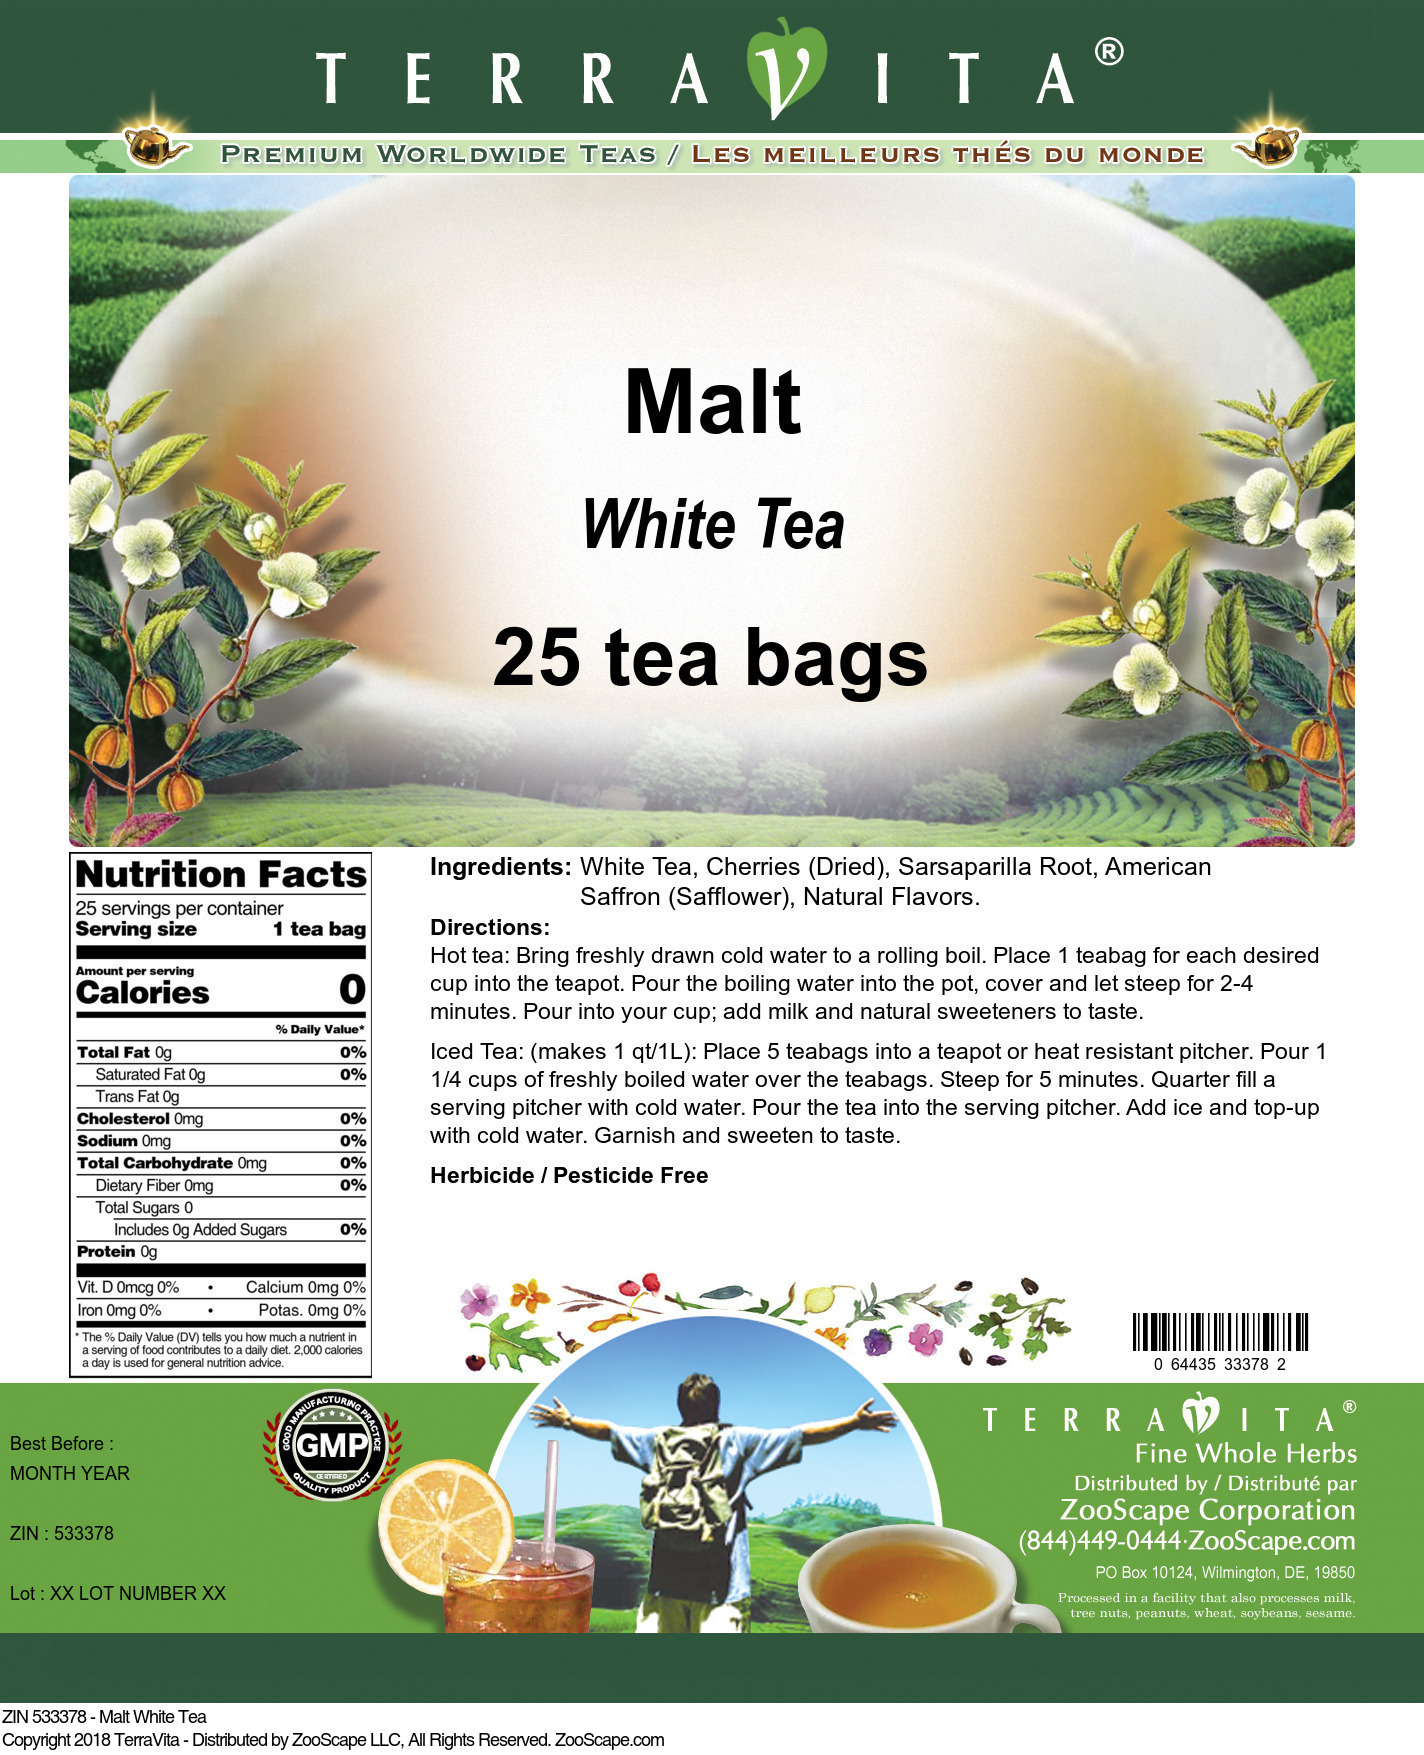 Malt White Tea